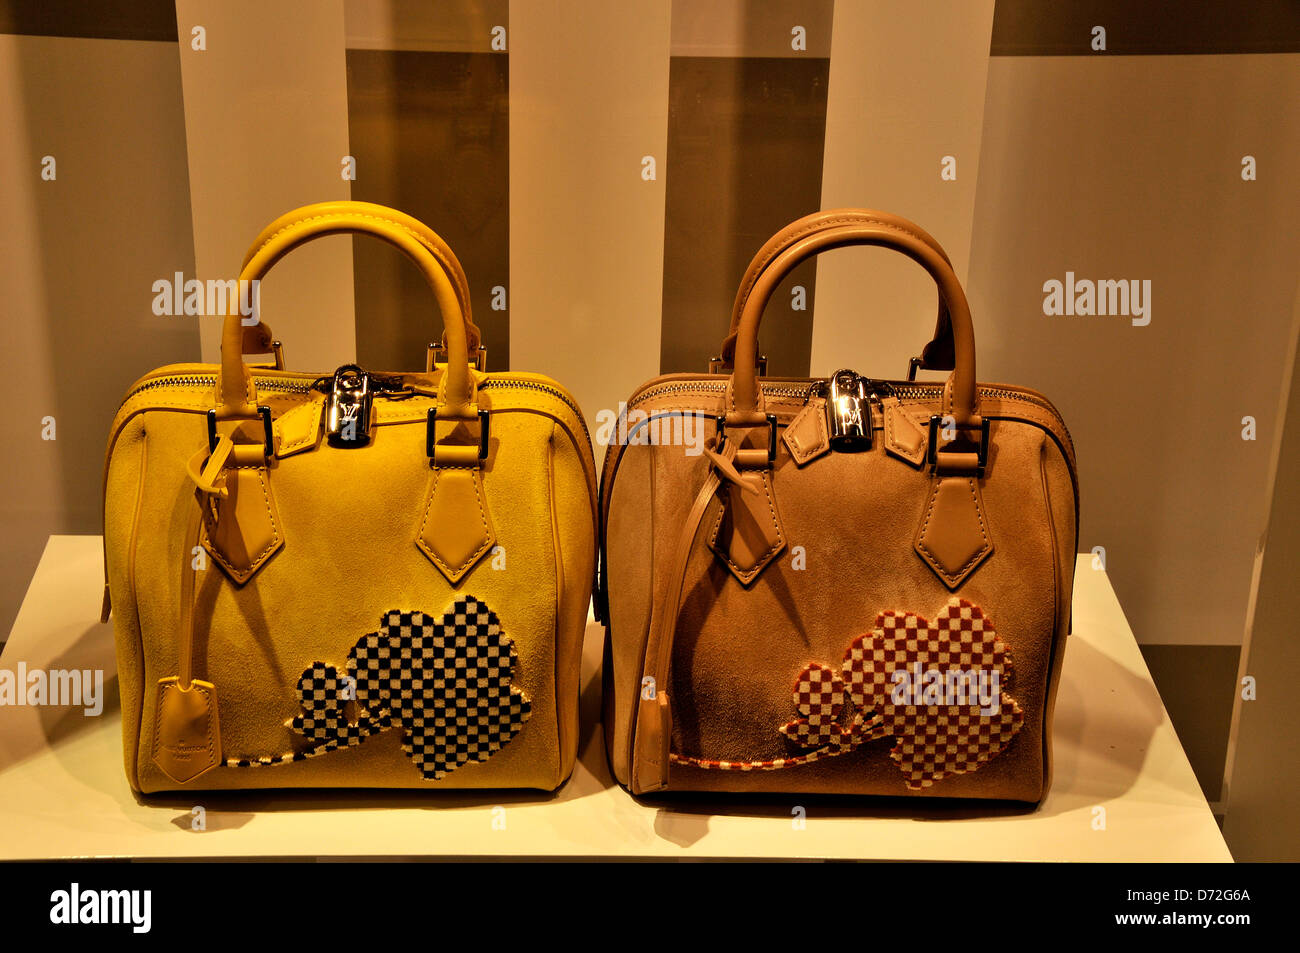 3b19b29fcf Louis Vuitton femme sac à main dans la fenêtre de LV boutique dans le  centre commercial de Dubaï